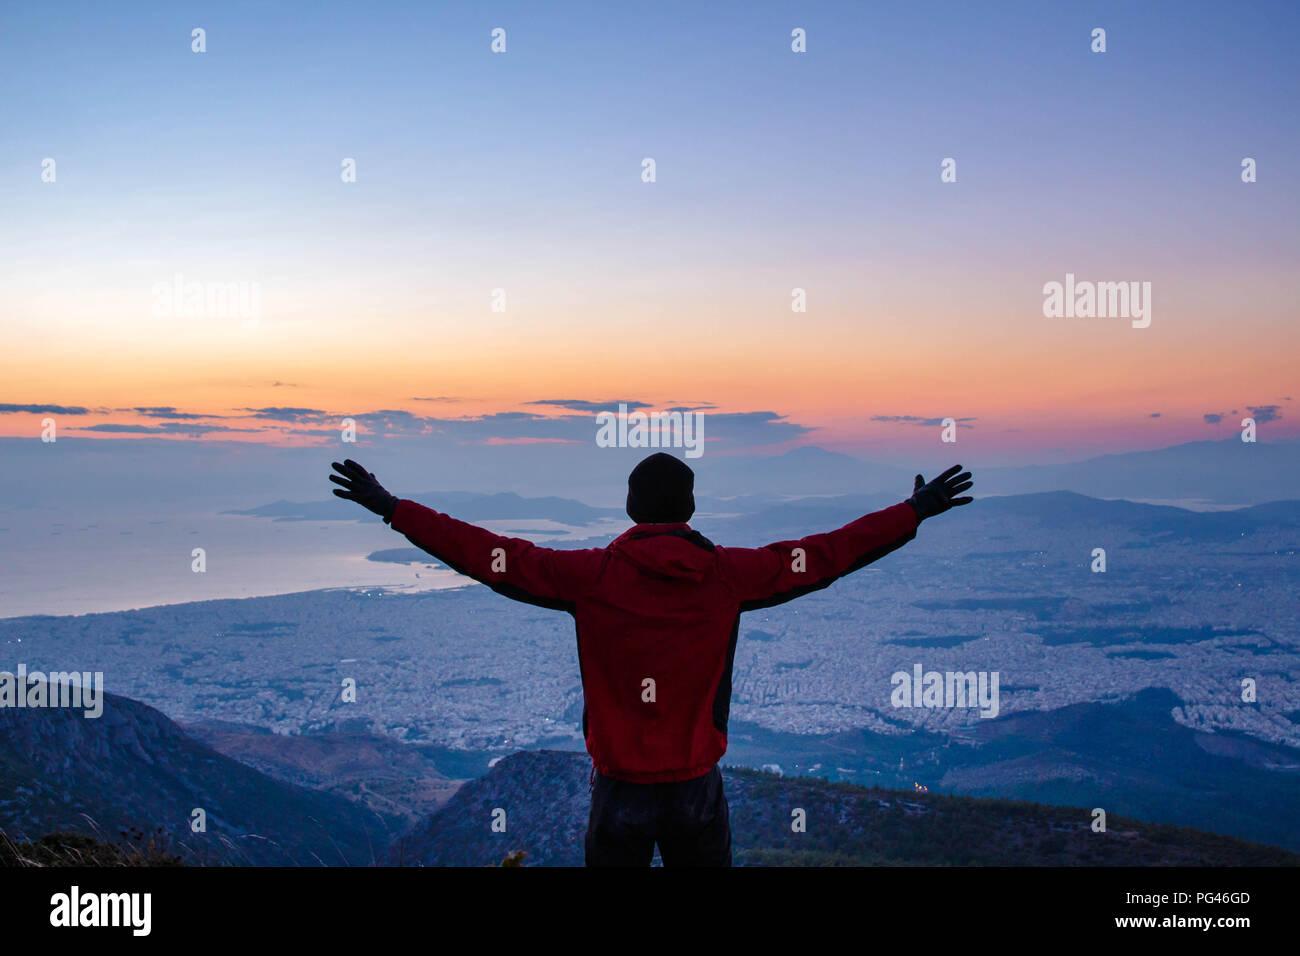 Erfolg! Ihre Träume verwirklichen, die Berge erobern. Sonnenuntergang von Athen Griechenland Stockbild